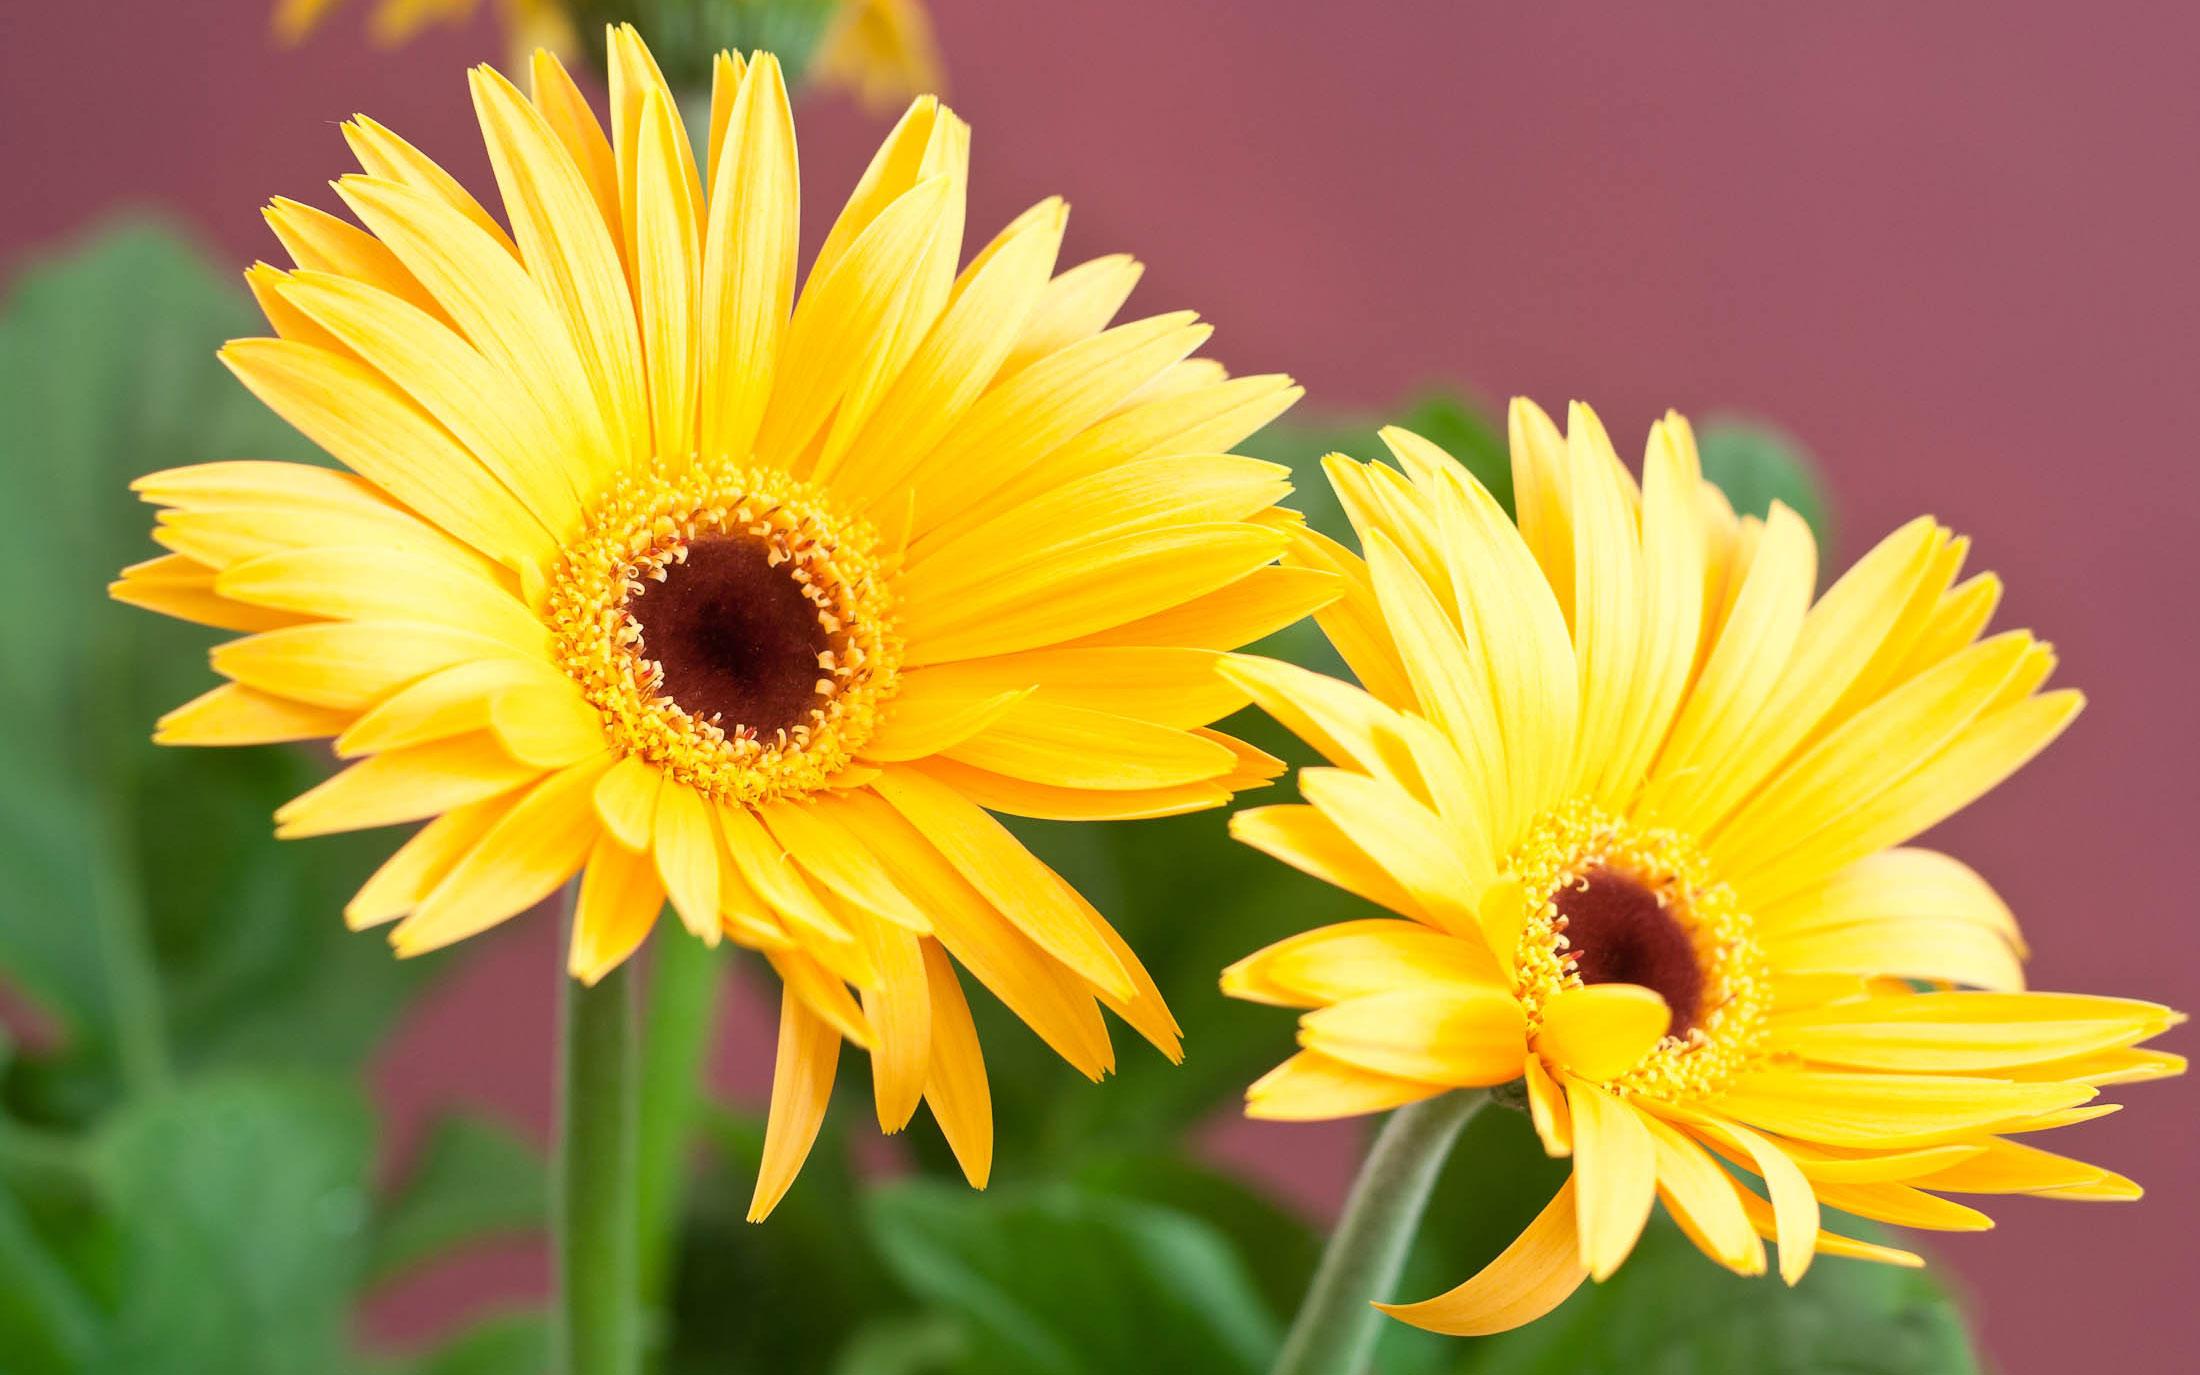 Flores margaritas amarillas - 2200x1375